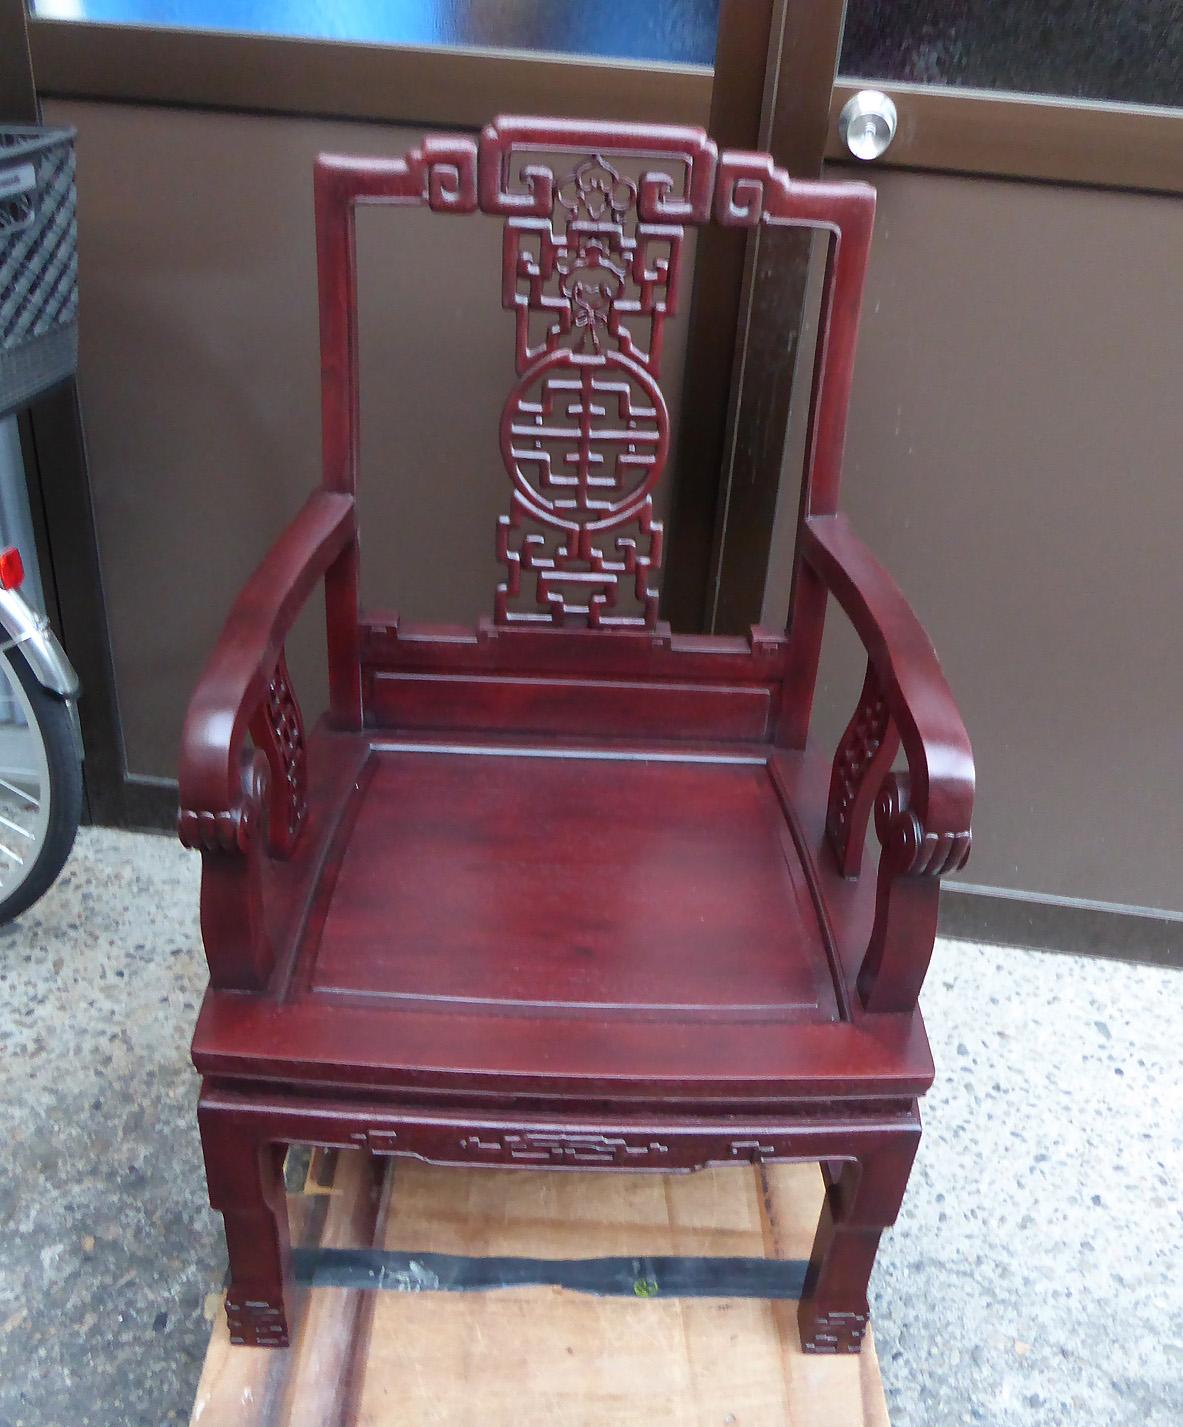 唐木家具工芸品修理ーカリン椅子の修理、塗り替え